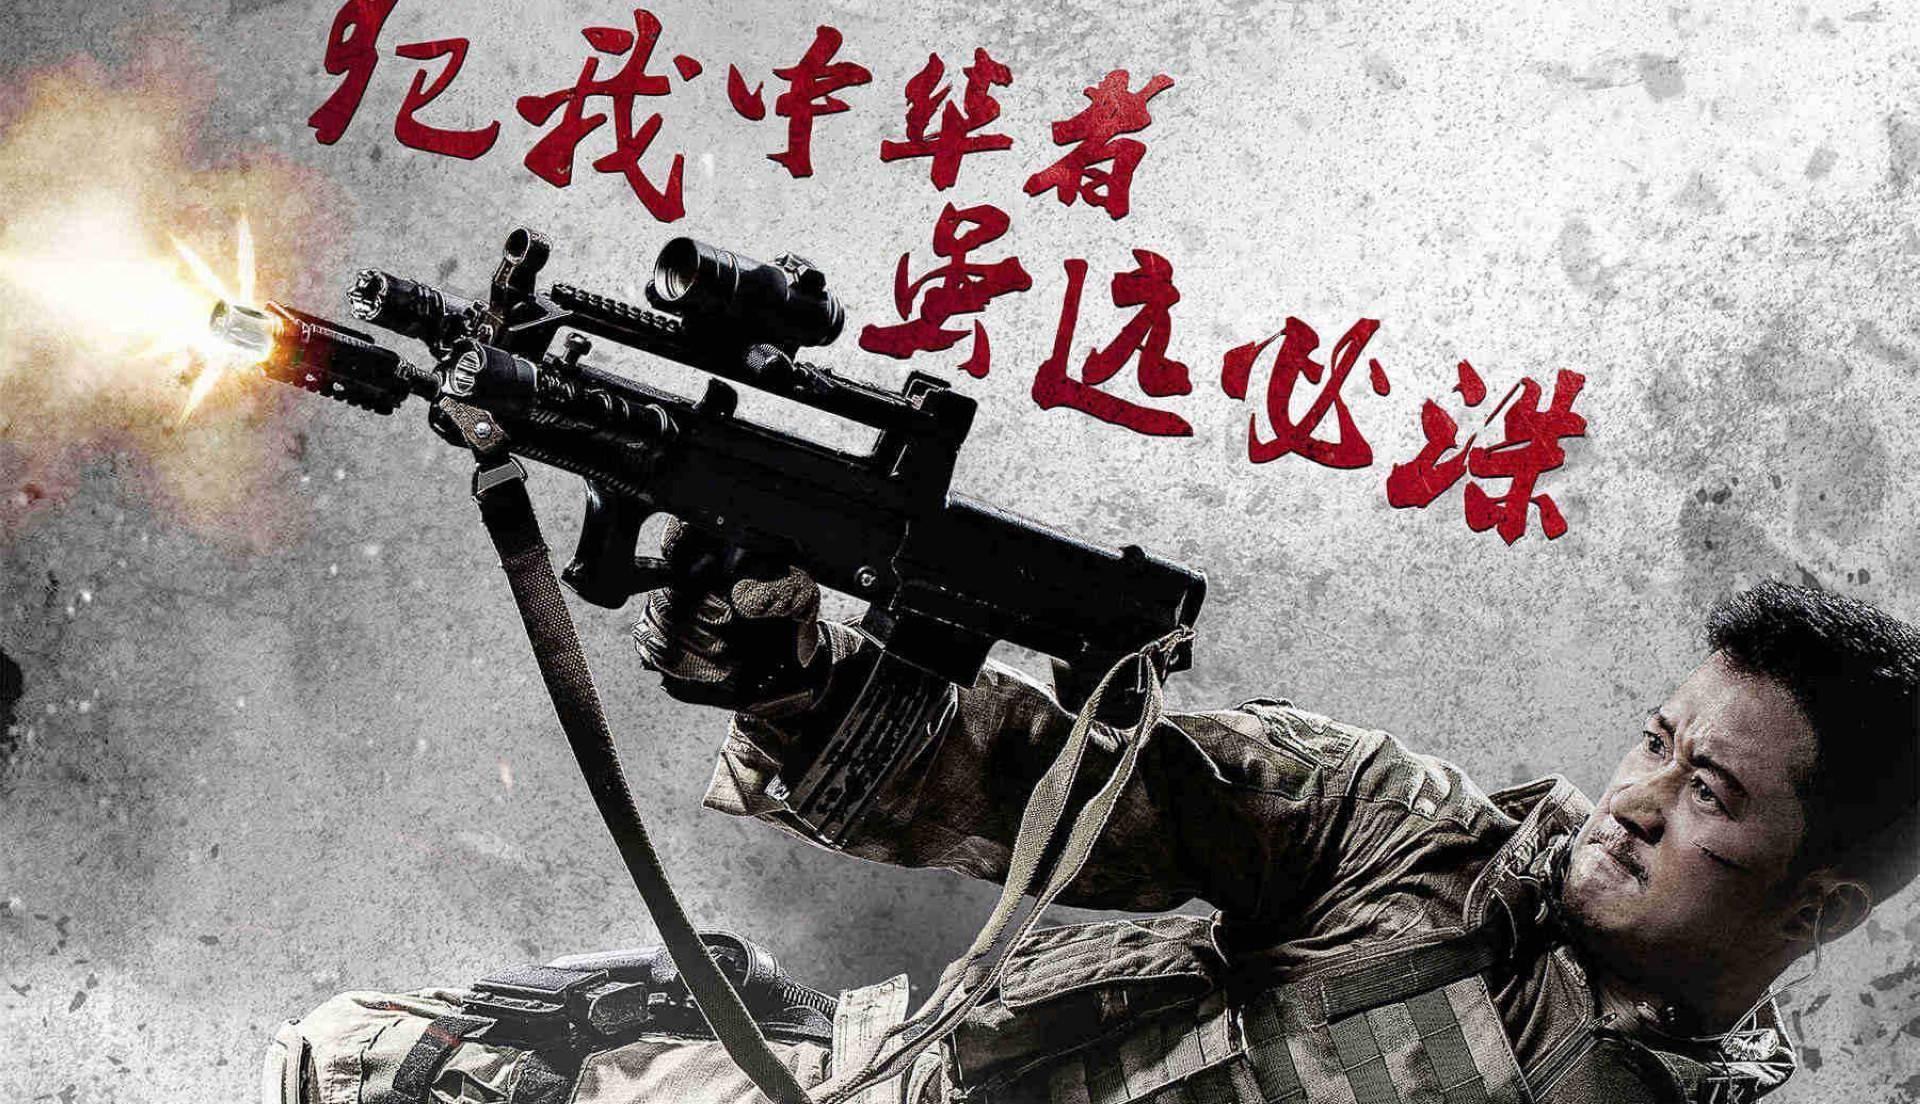 《战狼3》还未开机,吴京又一部新电影巨作来袭,王一博加盟主演